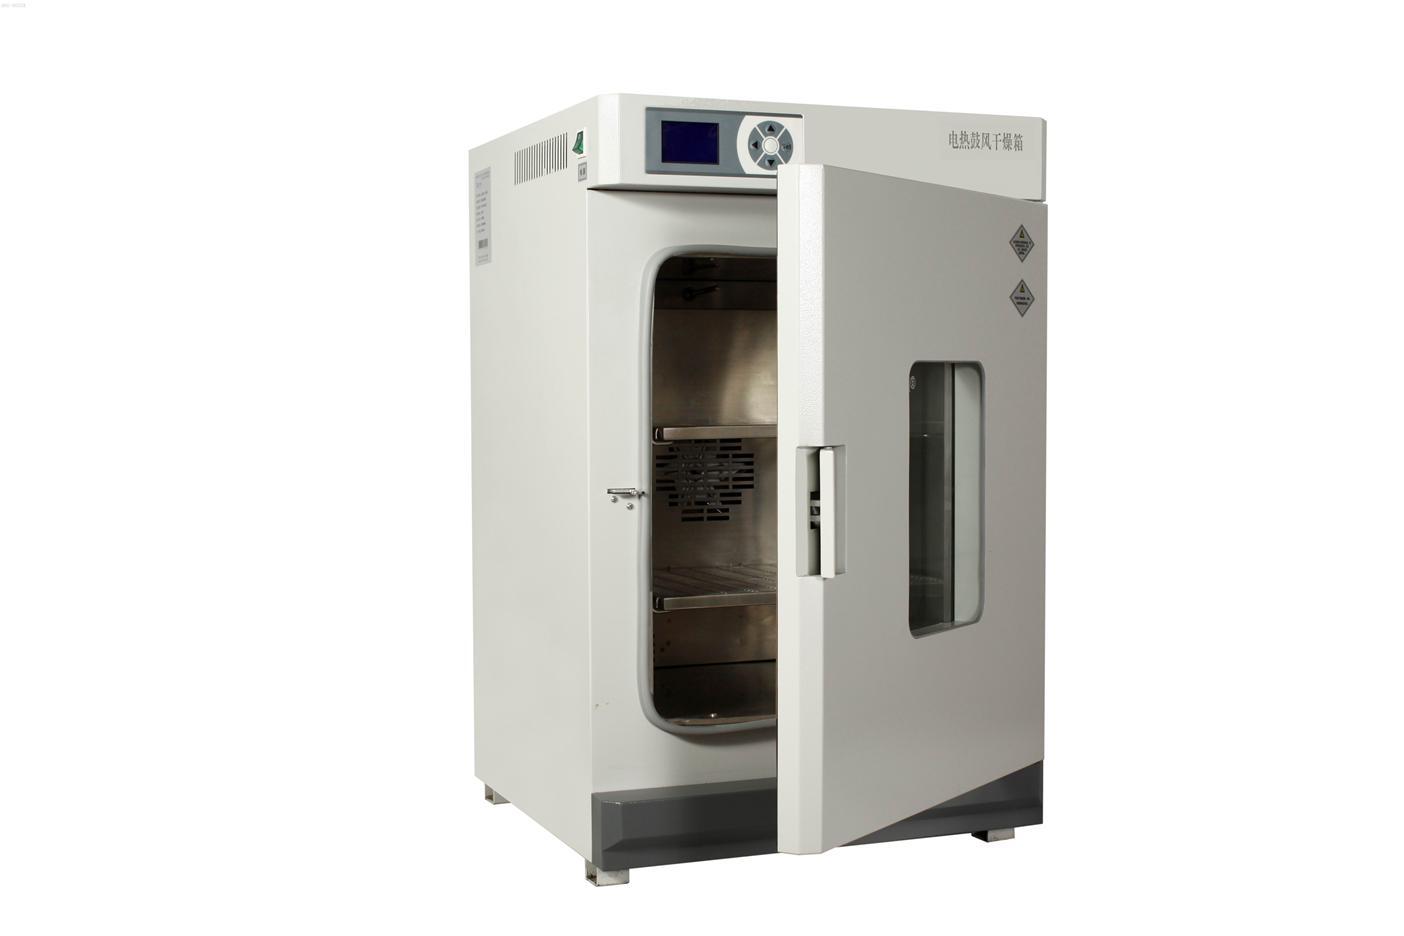 中国生物器材网--立式鼓风干燥箱--性能参数